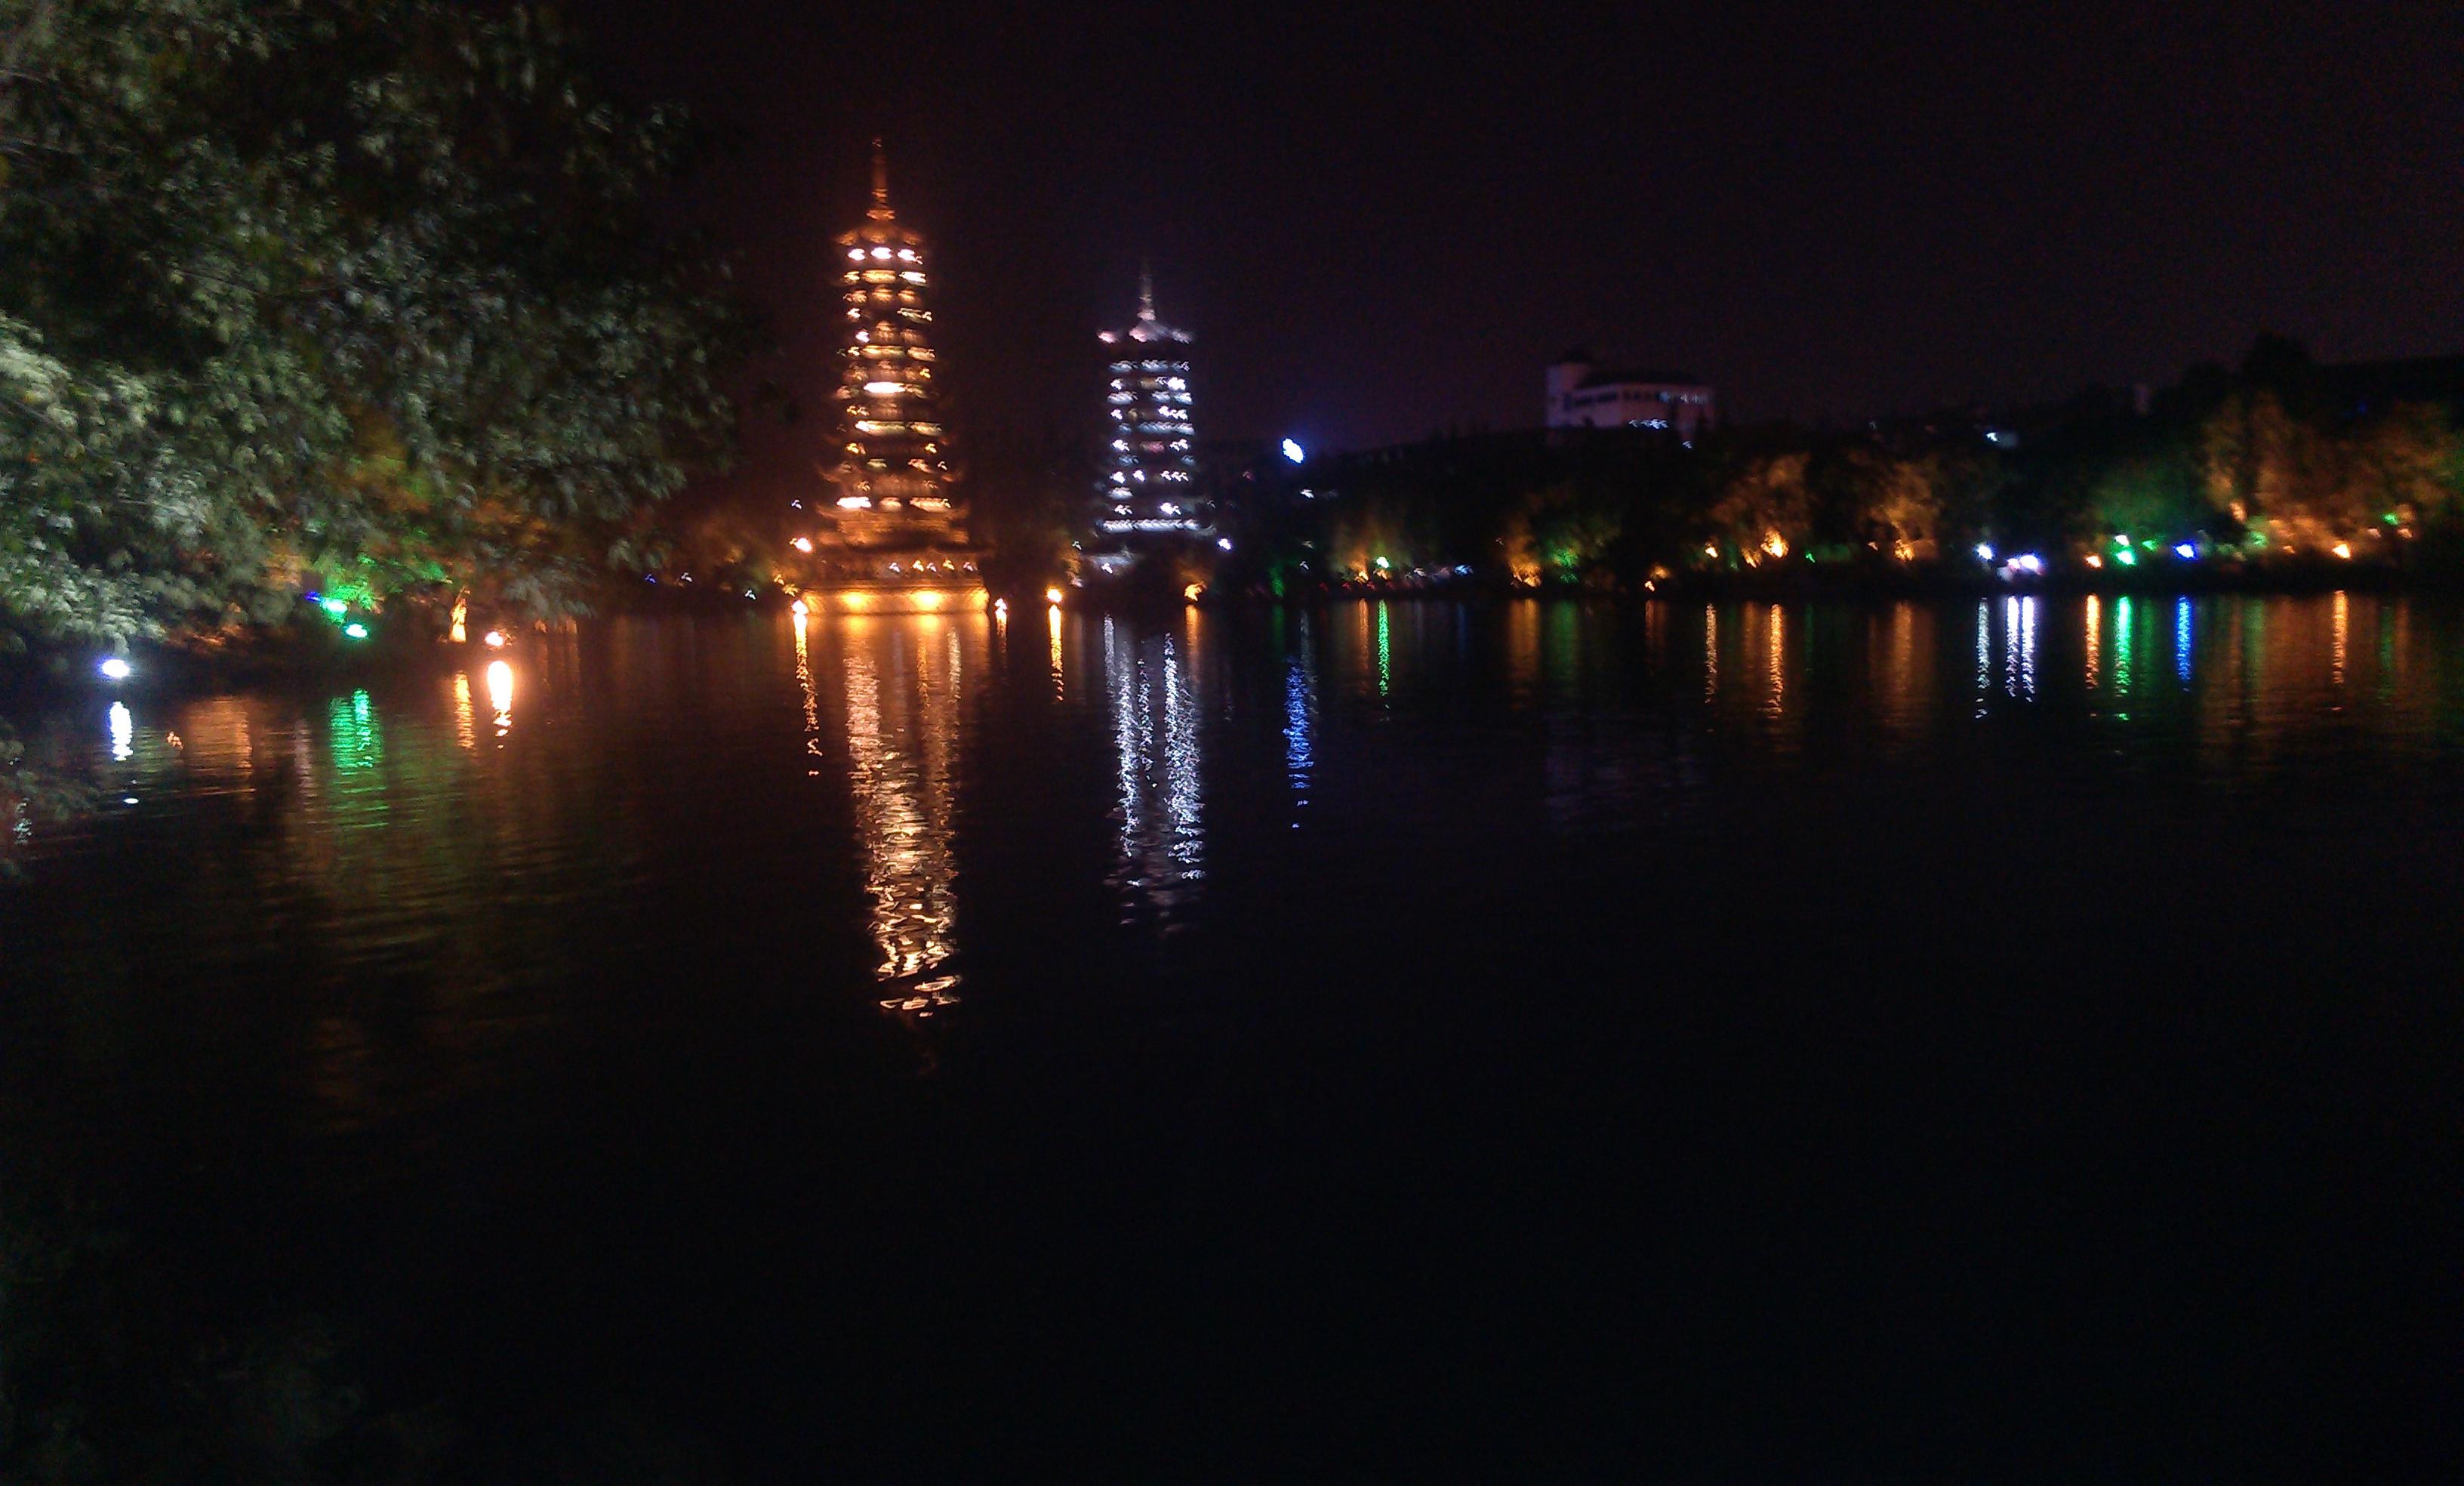 样子应该是照着上海的方塔造的